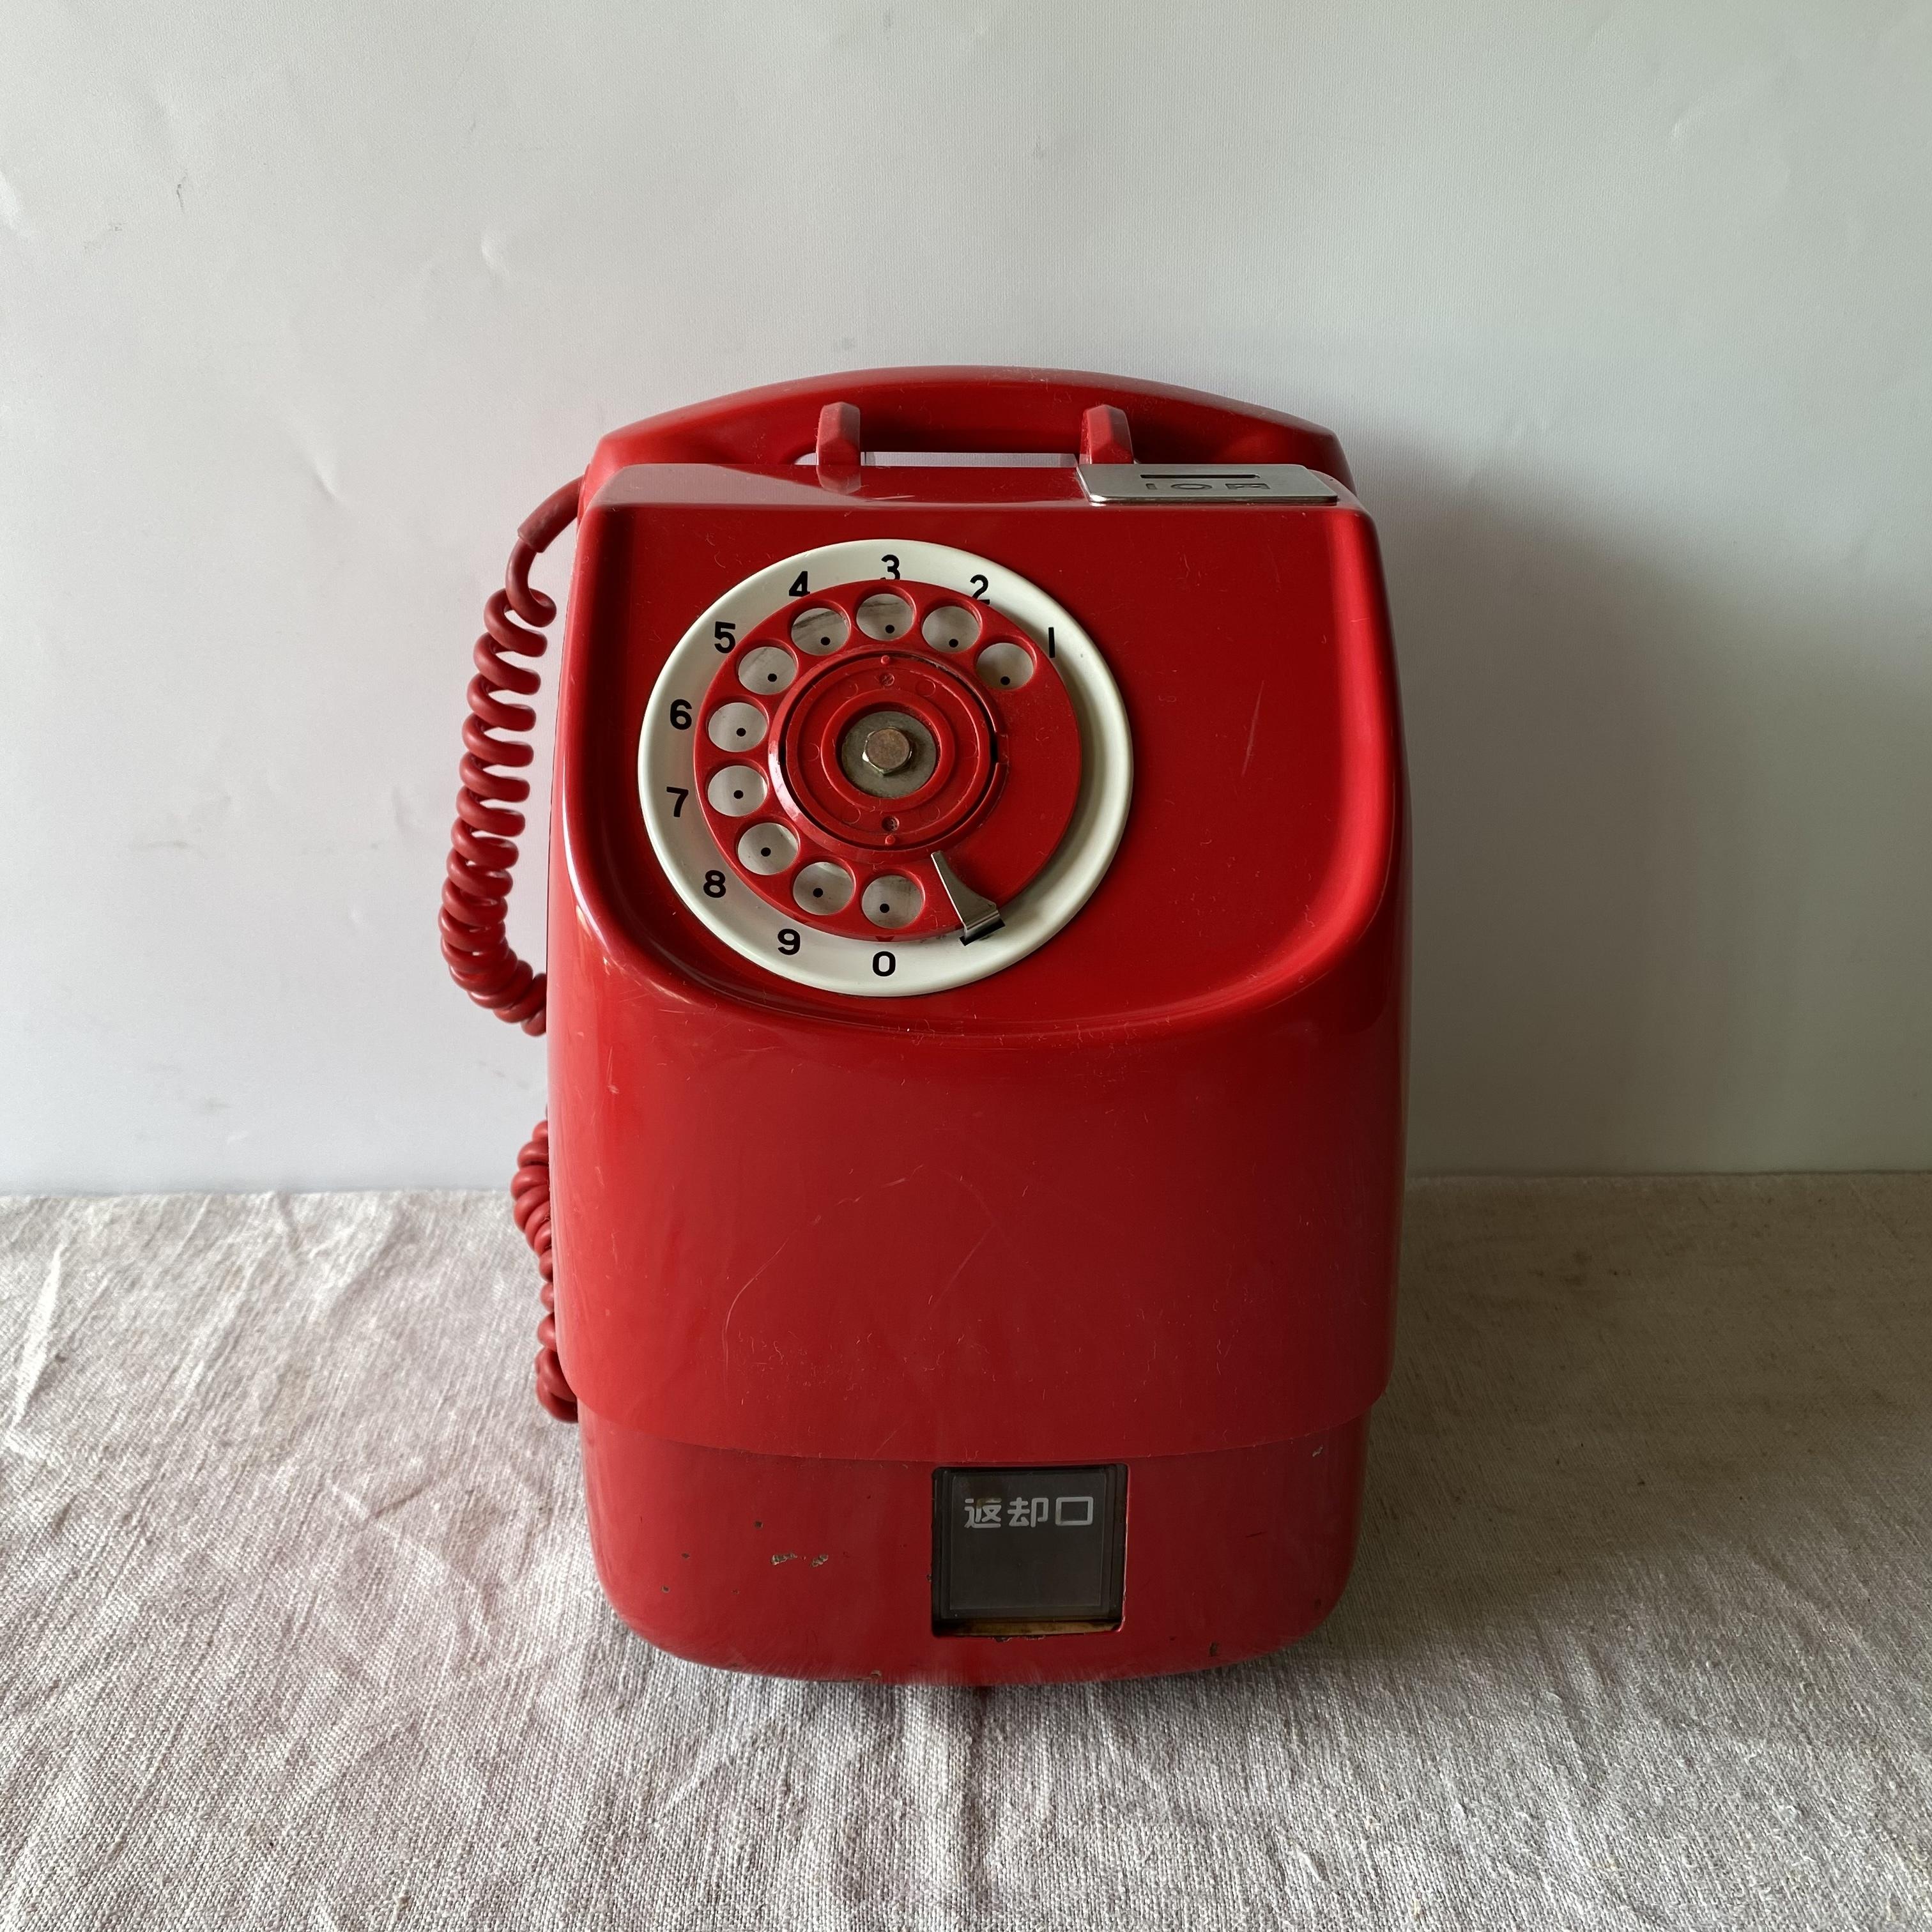 赤電話 公衆電話 1974年 田村電機製作所製 671-A電話機